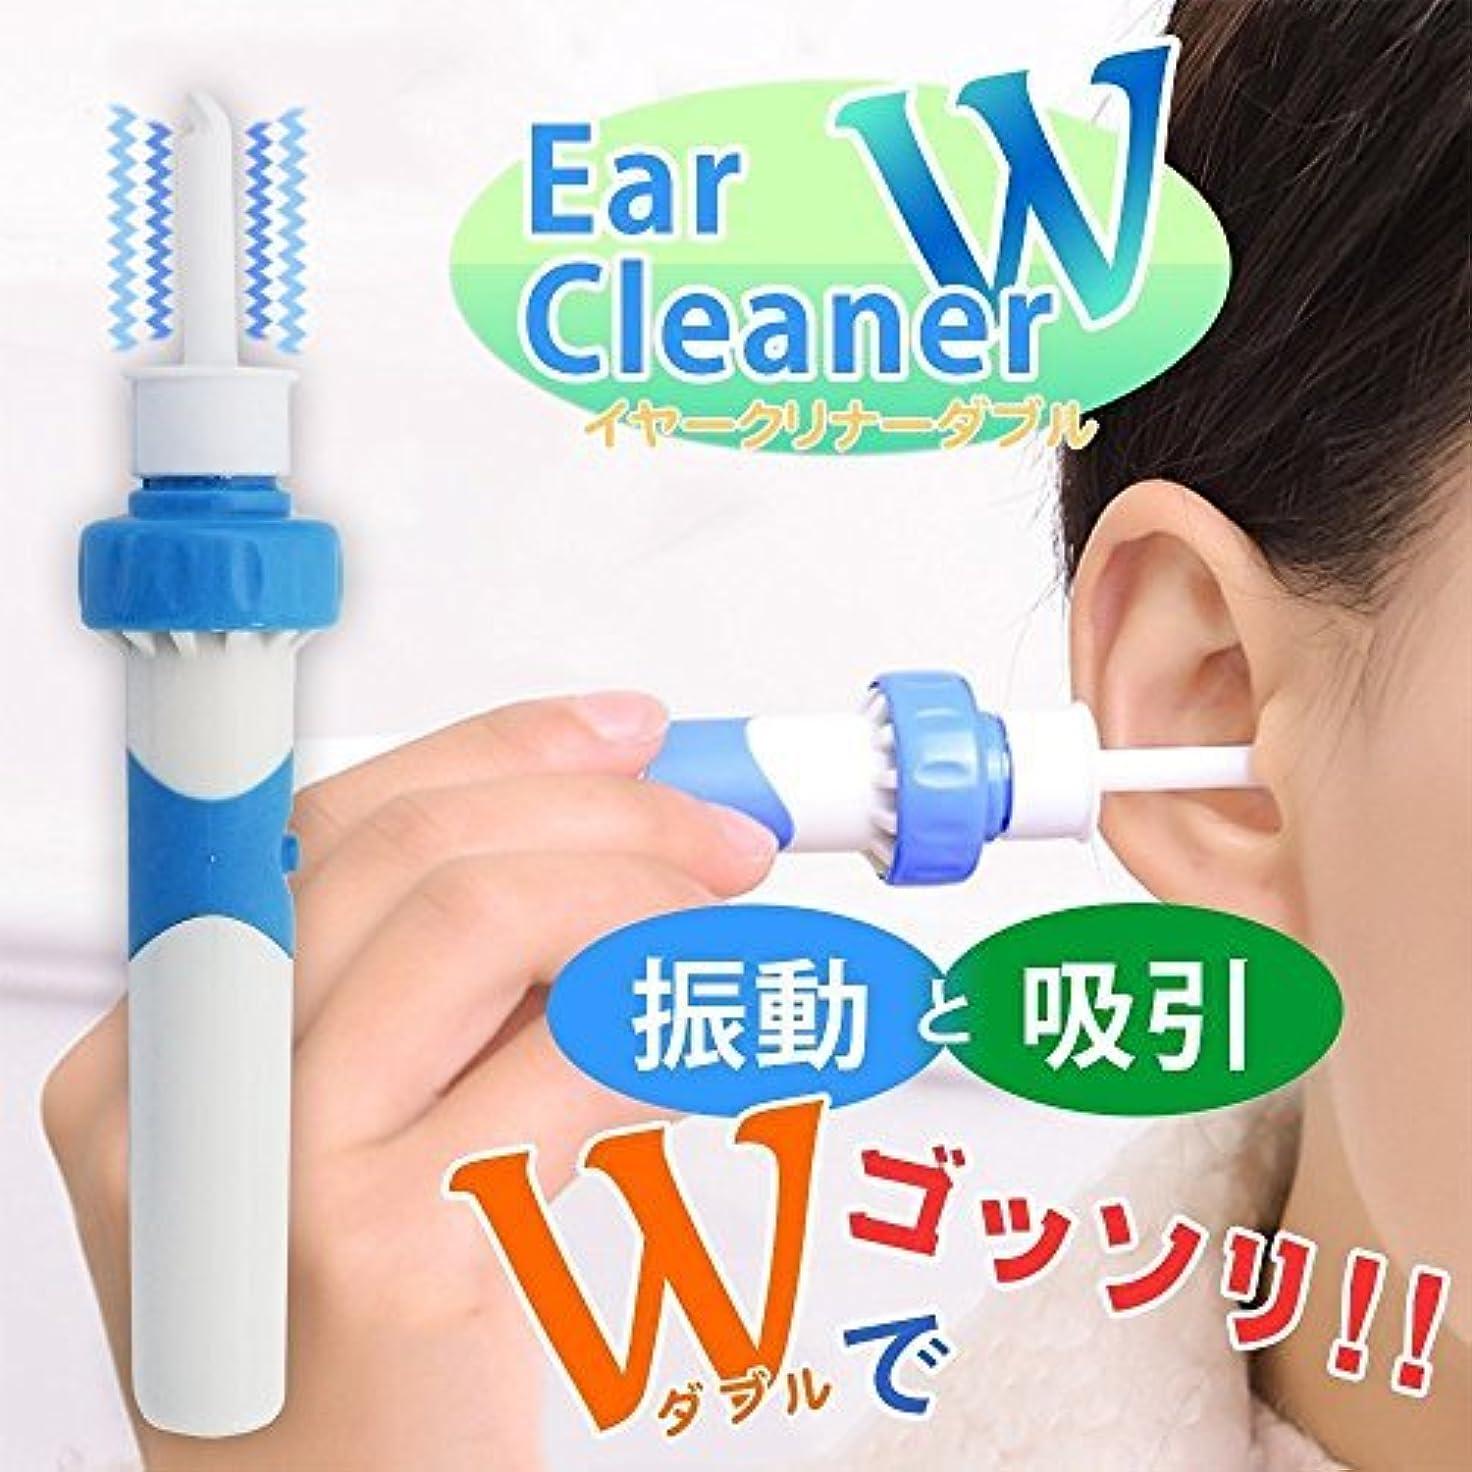 東方押す増強するCHUI FEN 耳掃除機 電動耳掃除 耳クリーナー 耳掃除 みみそうじ 耳垢 吸引 耳あか吸引